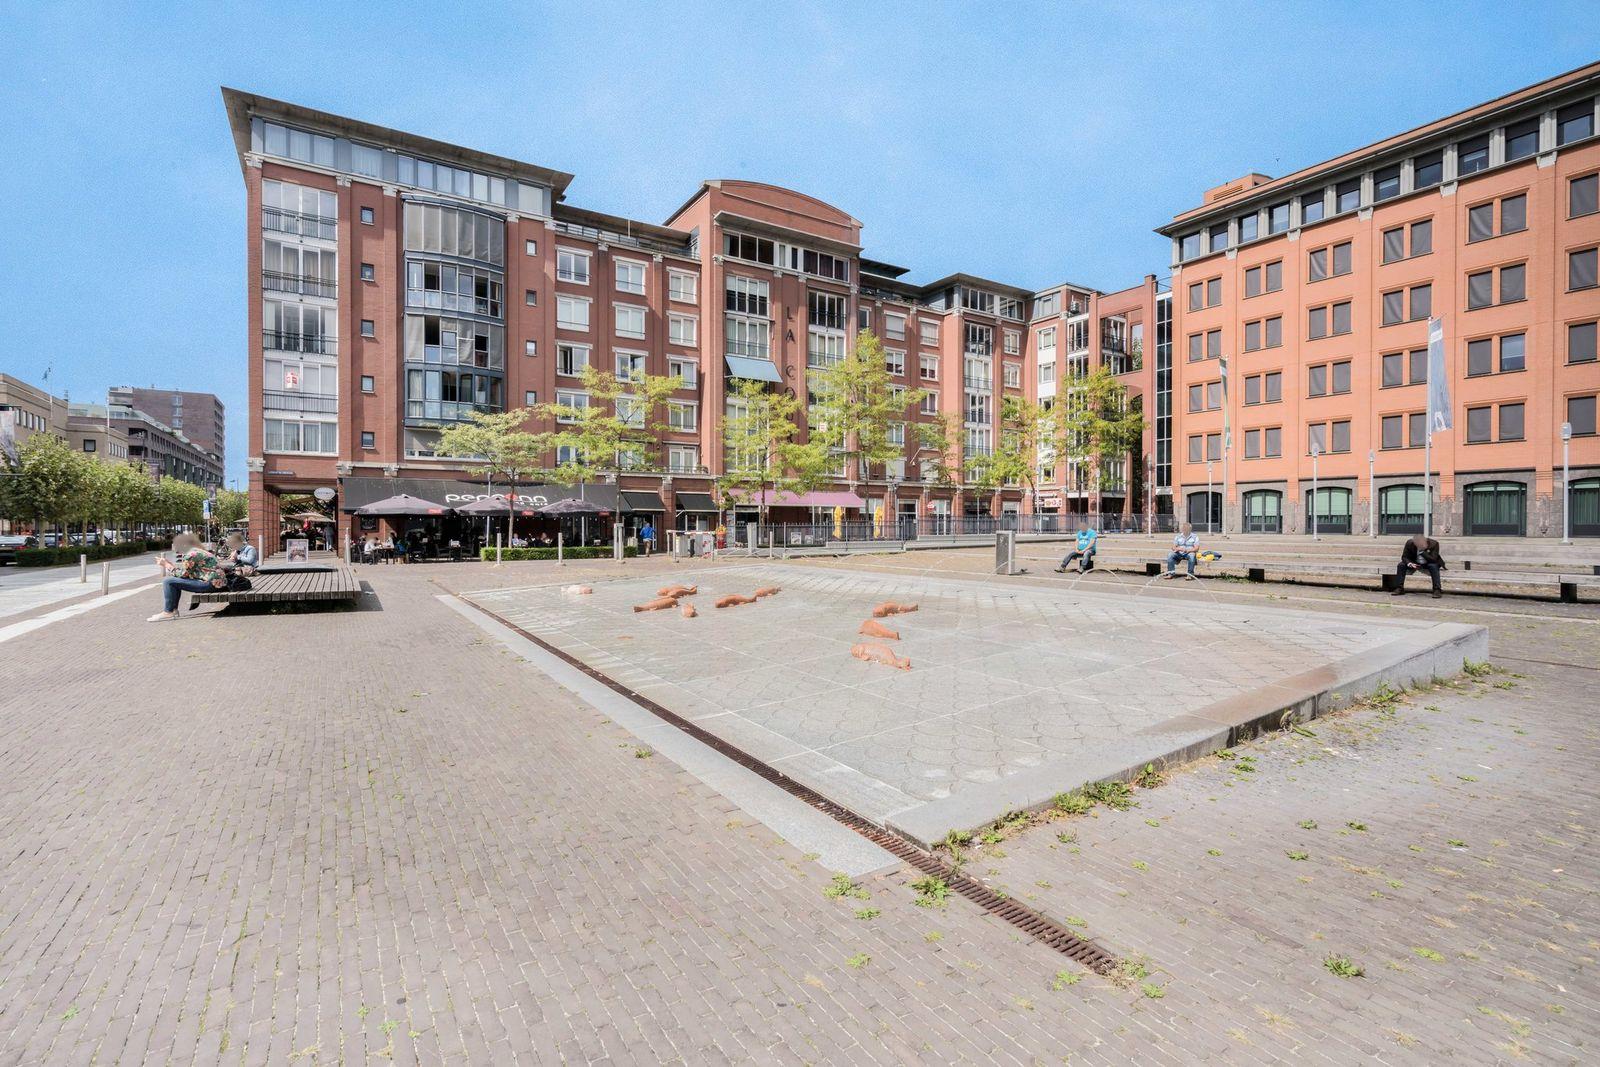 Leeghwaterlaan 59, 's-hertogenbosch